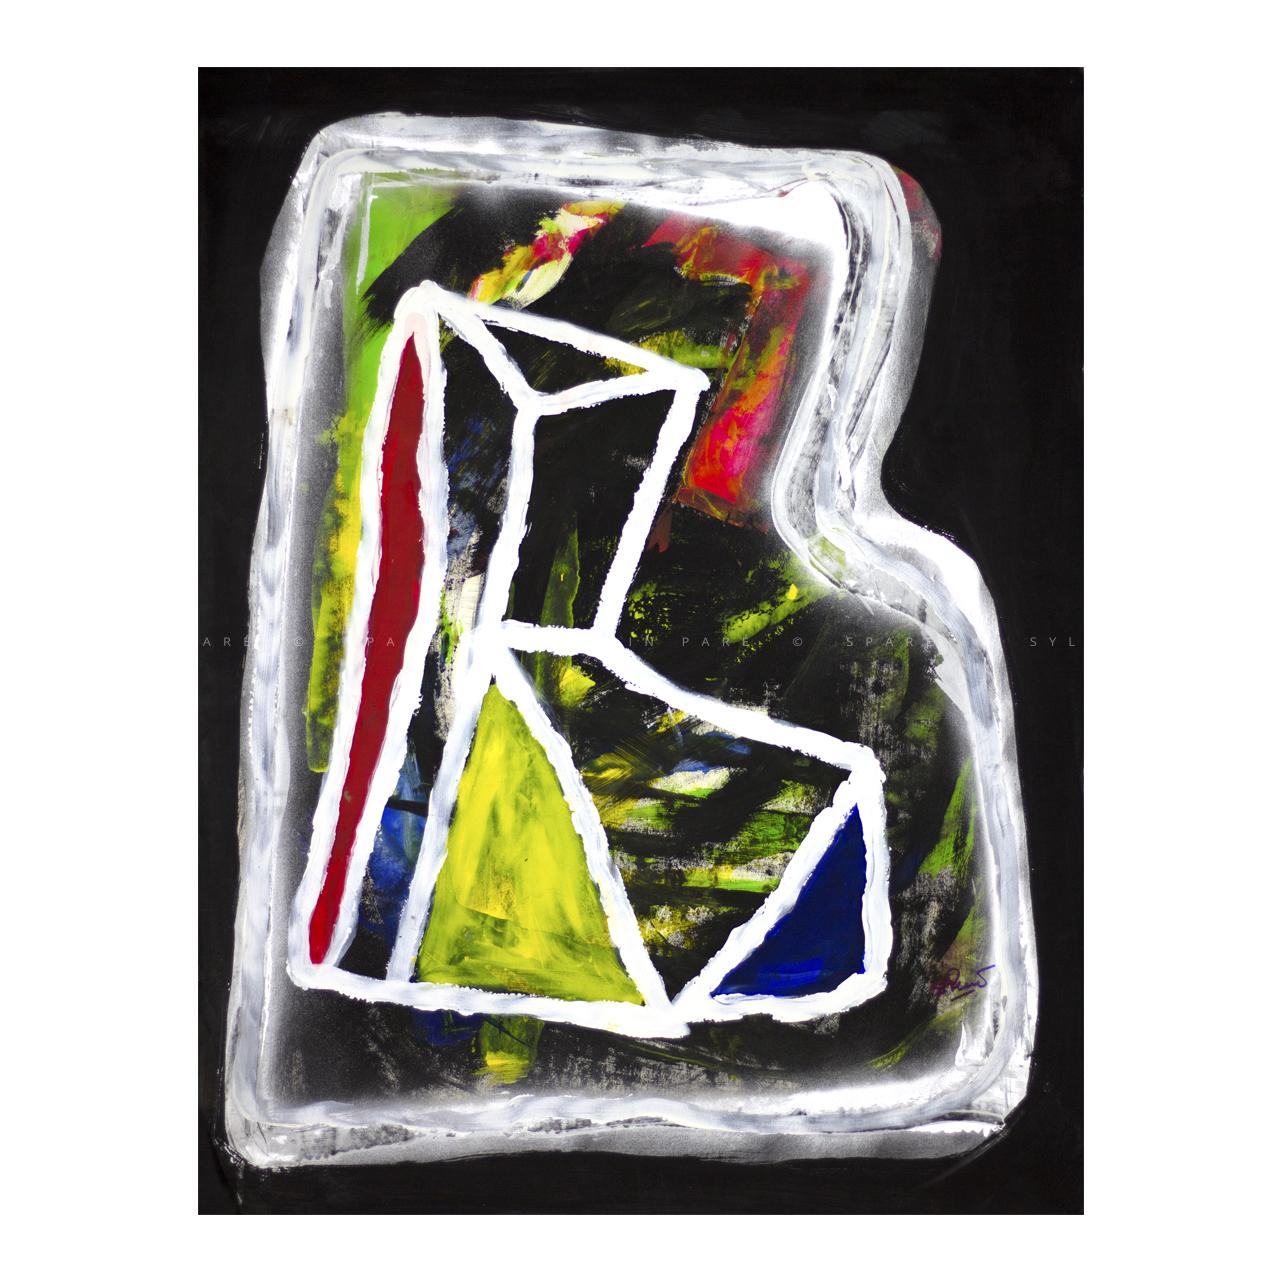 sylvain-pare-spare-artwork-1280x1280_IMG_0148.jpg